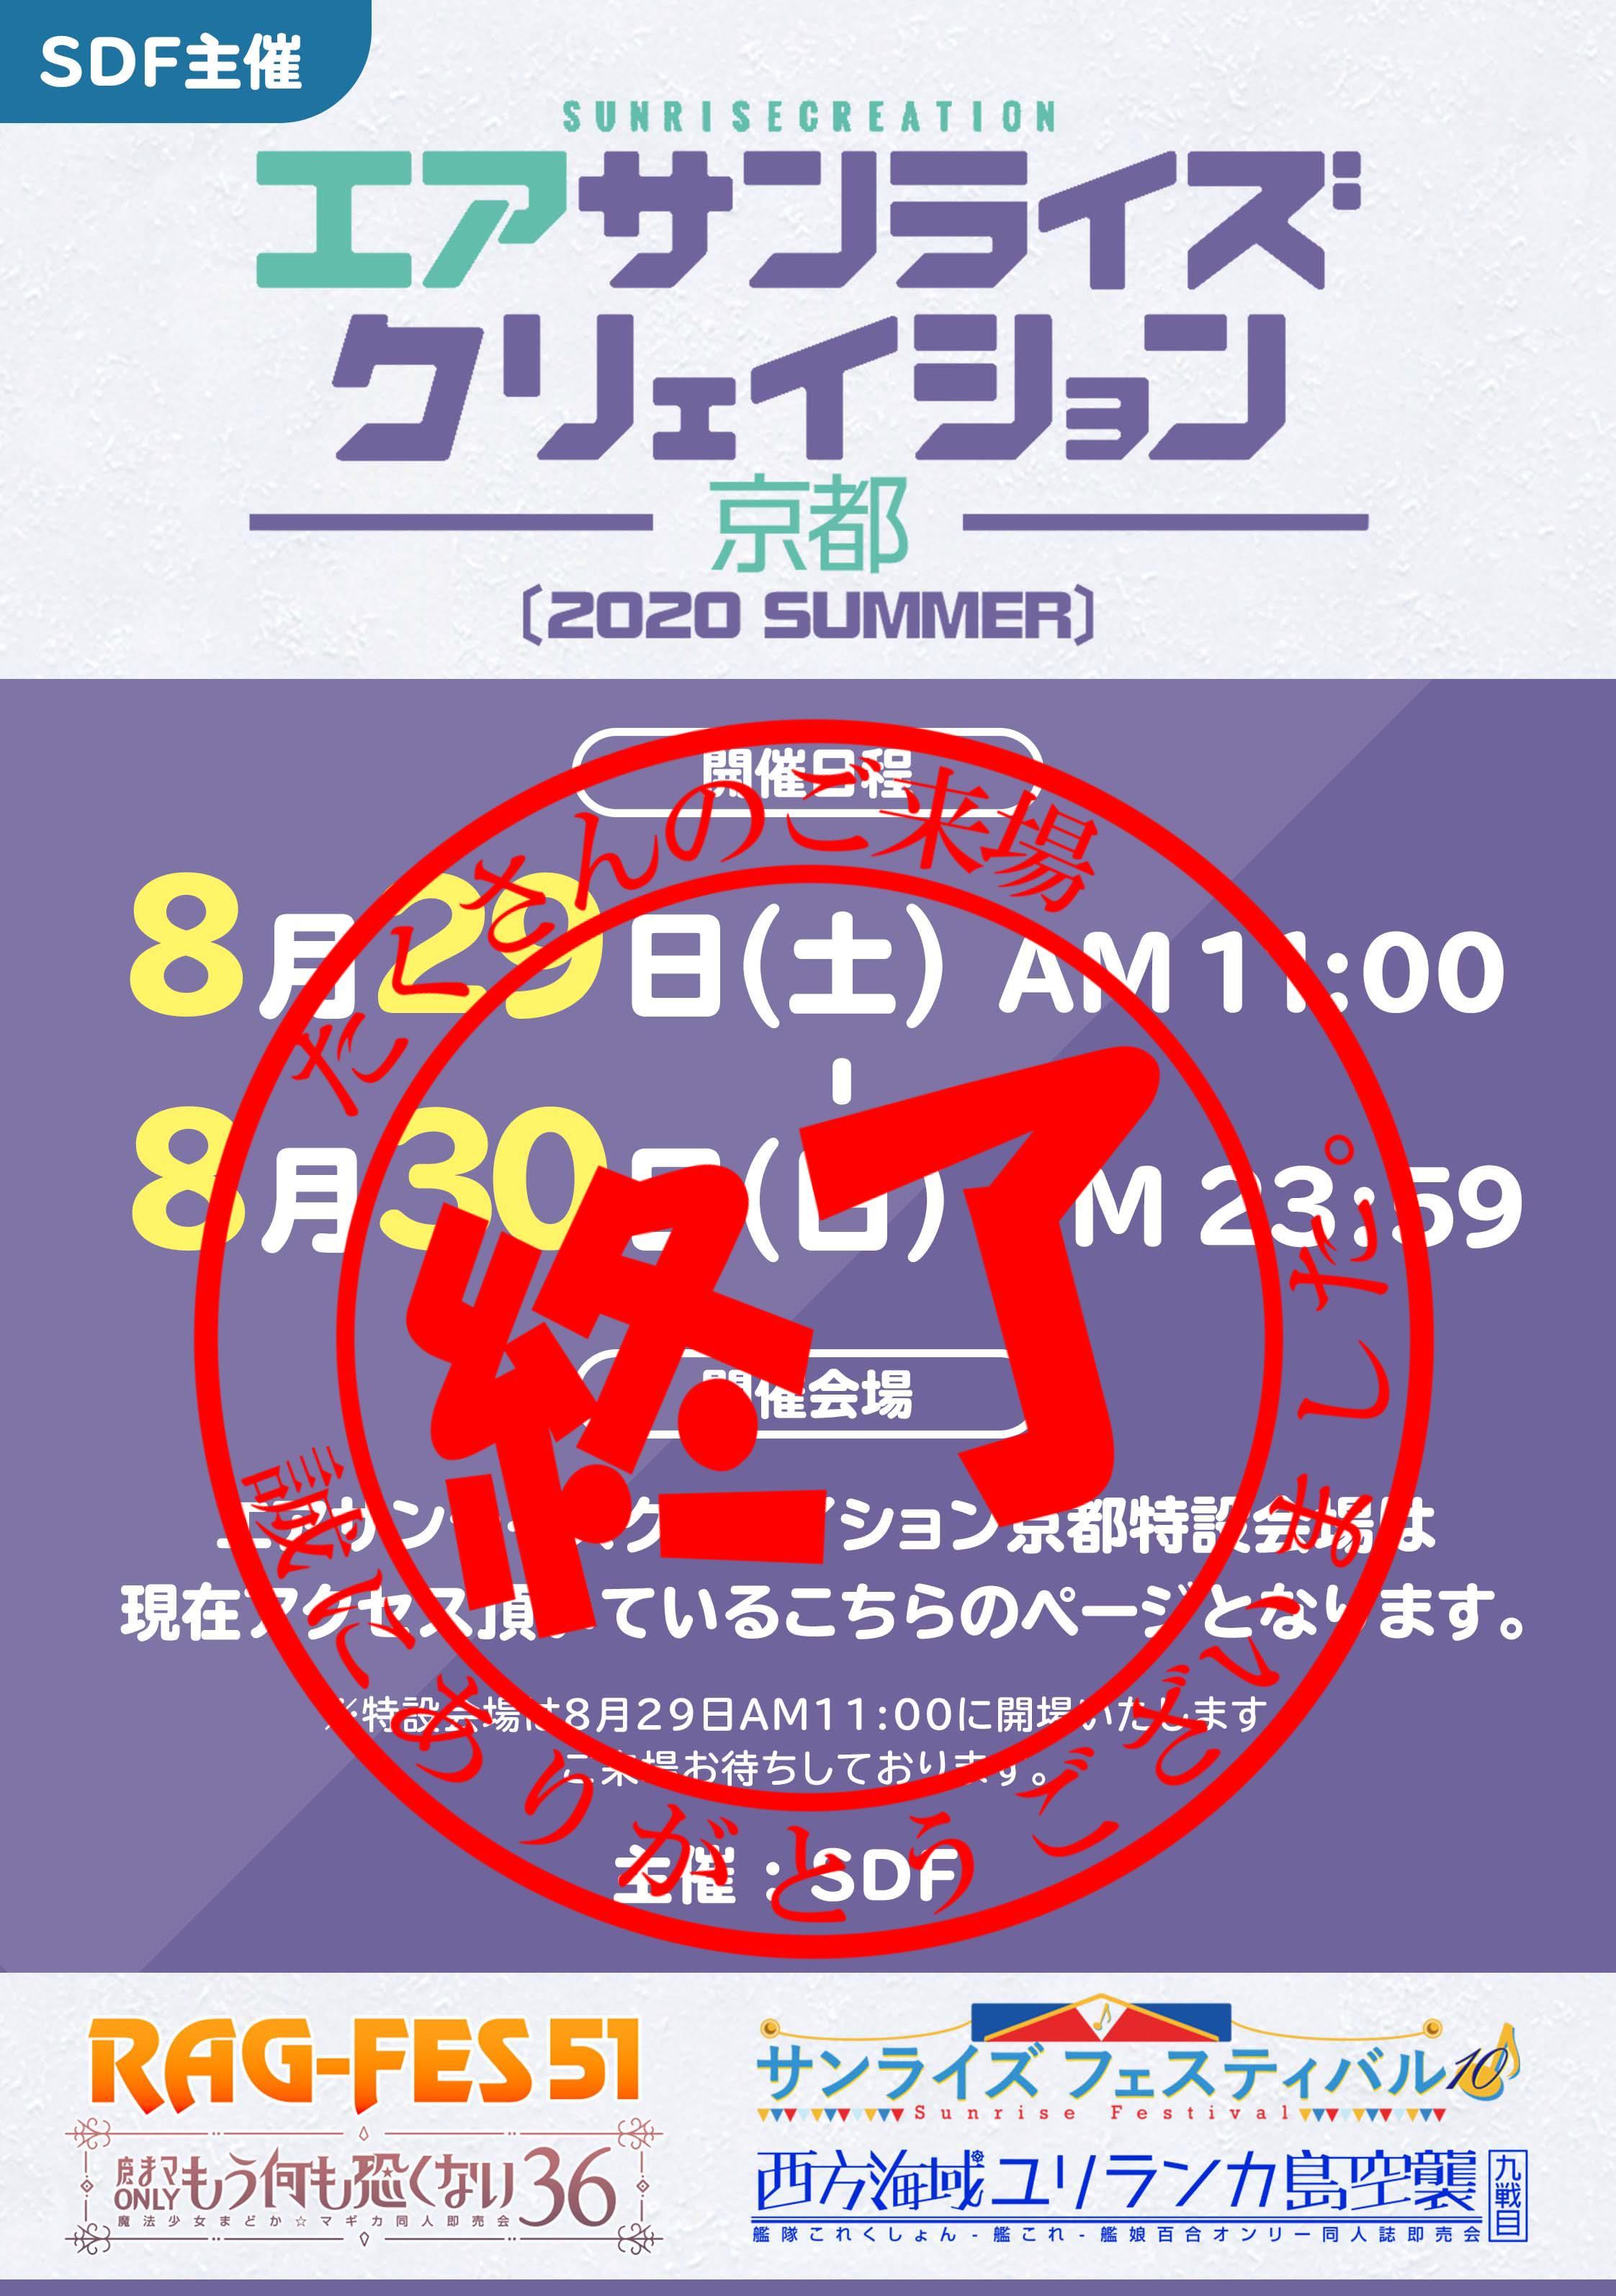 SDF主催 エアサンライズクリエイション京都 2020 Summer